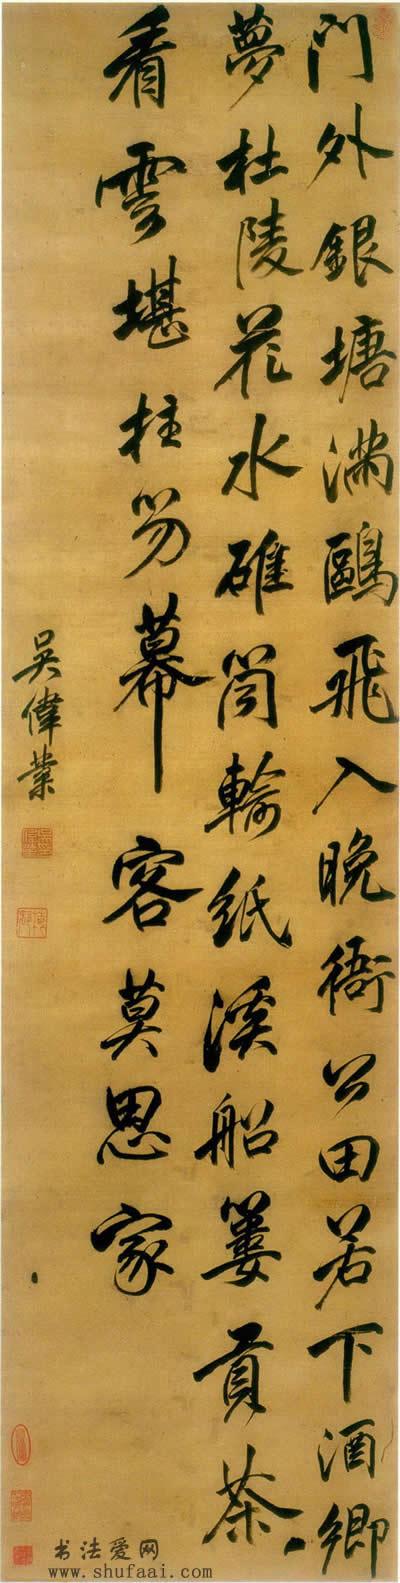 吴伟业 五言律诗轴